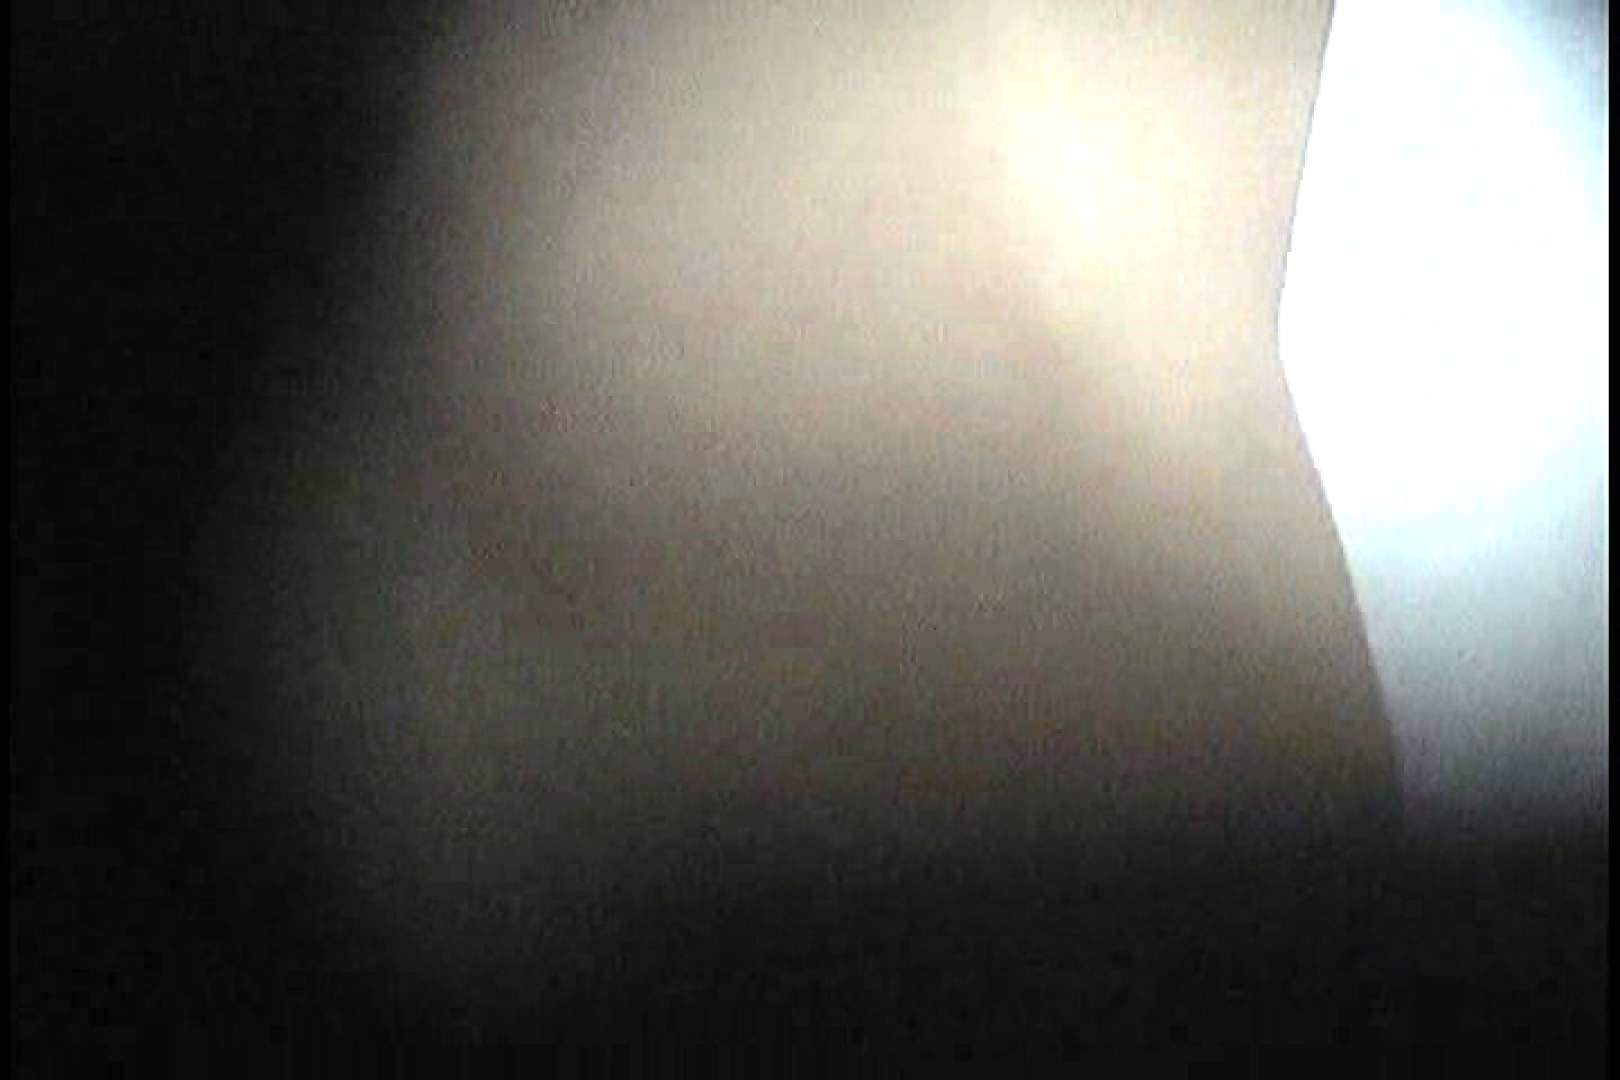 サターンさんのウル技炸裂!!夏乙女★海の家シャワー室絵巻 Vol.02 シャワー室  95枚 51